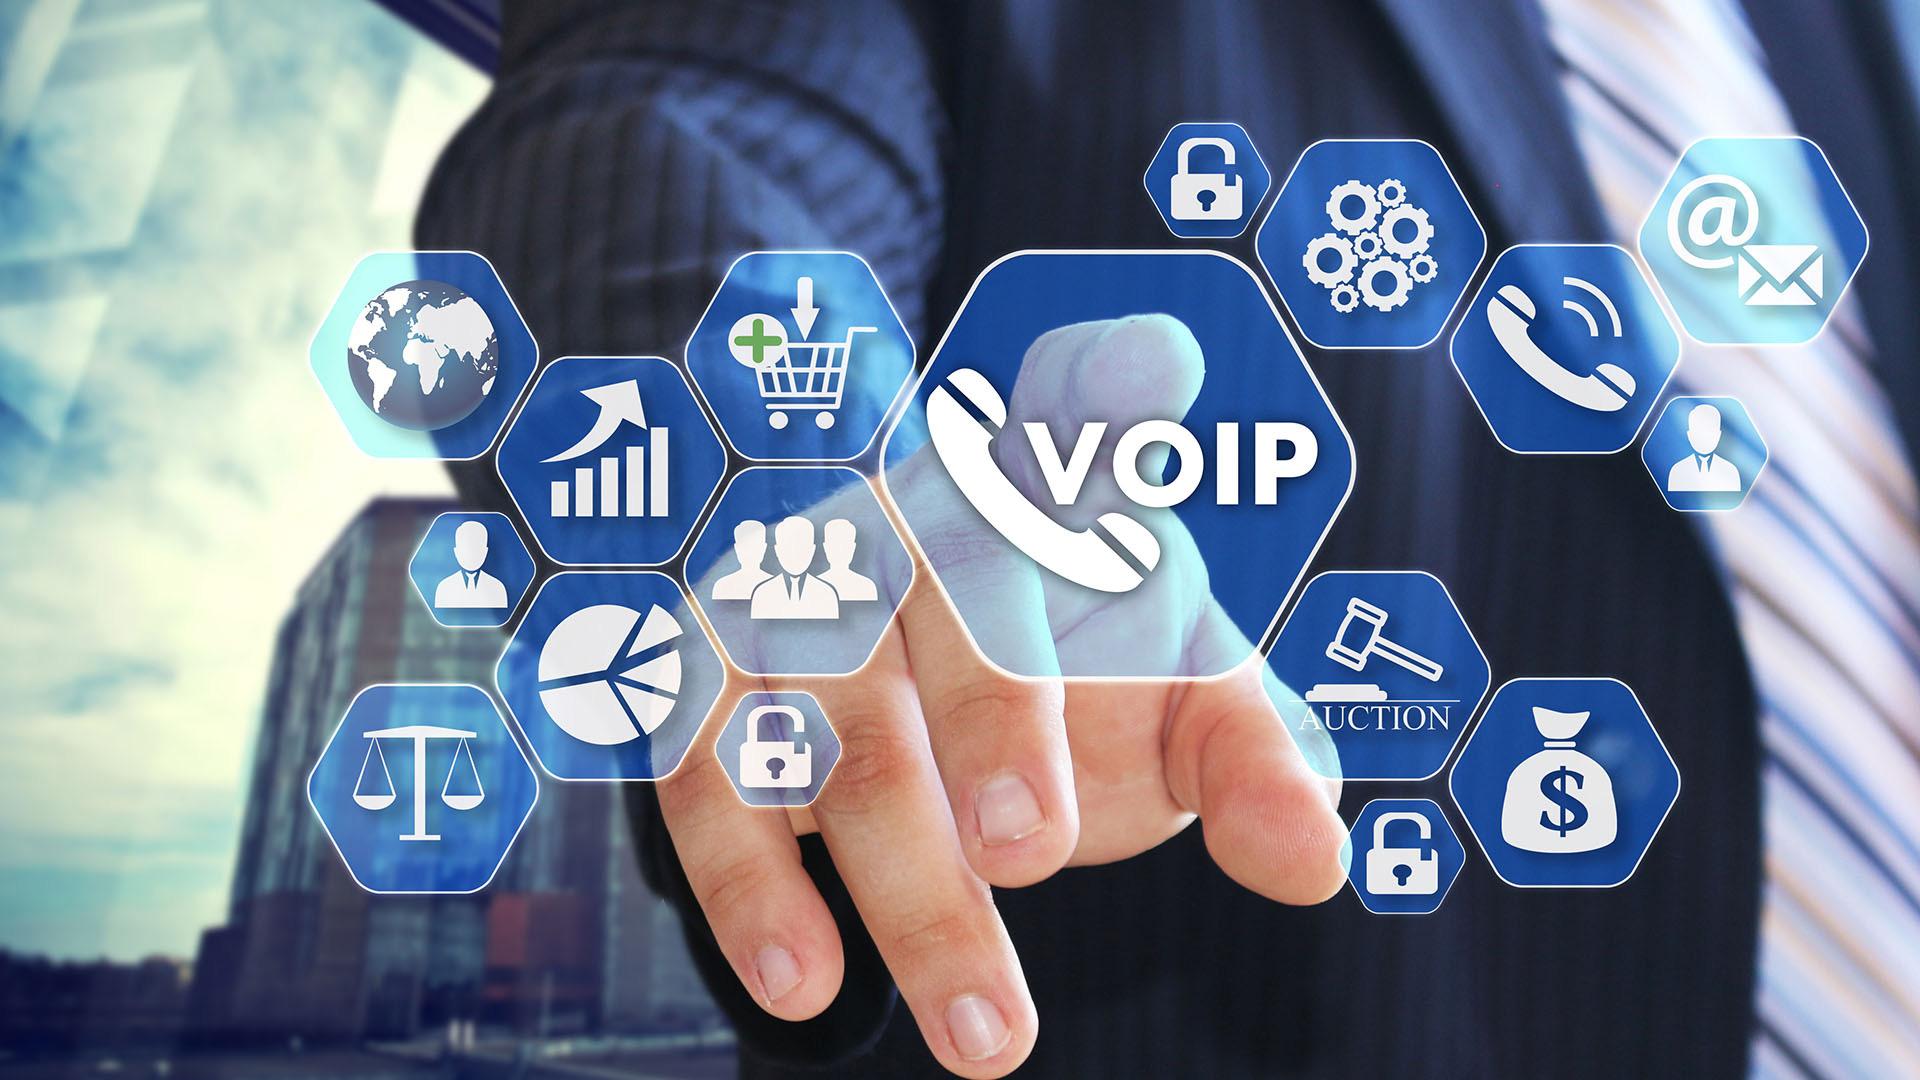 Voip e Telefonia Business: Il Voip garantisce enormi risparmi sulle bollette